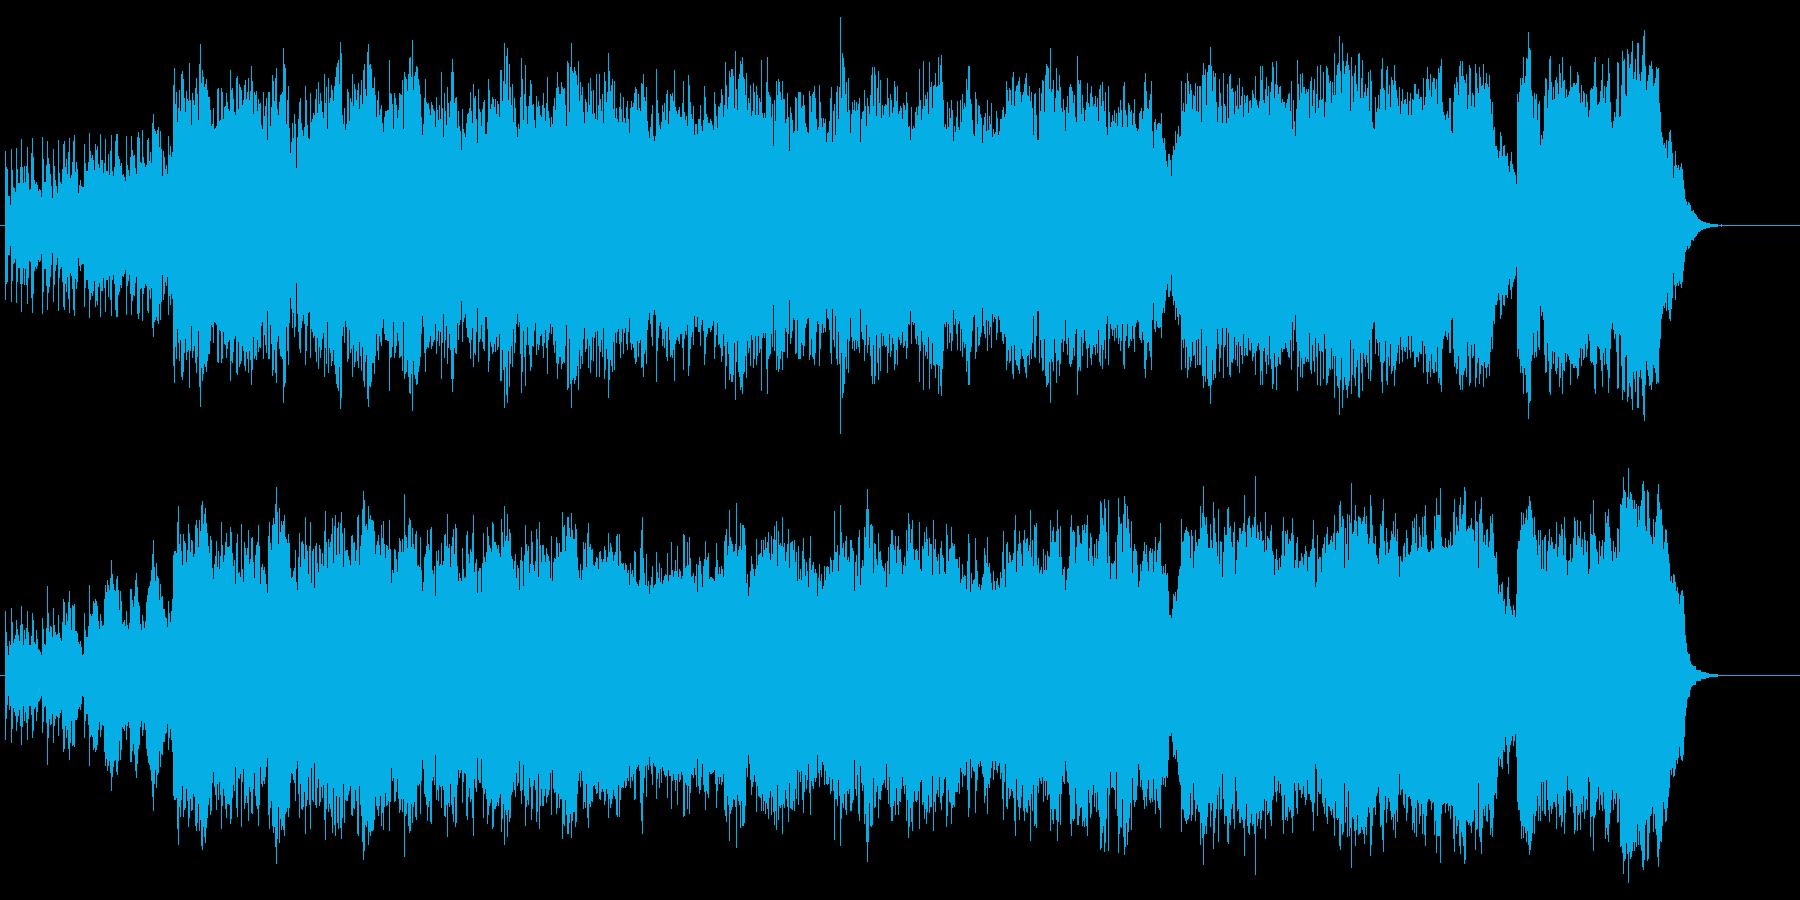 和風幻想曲。喜多郎のような曲の再生済みの波形